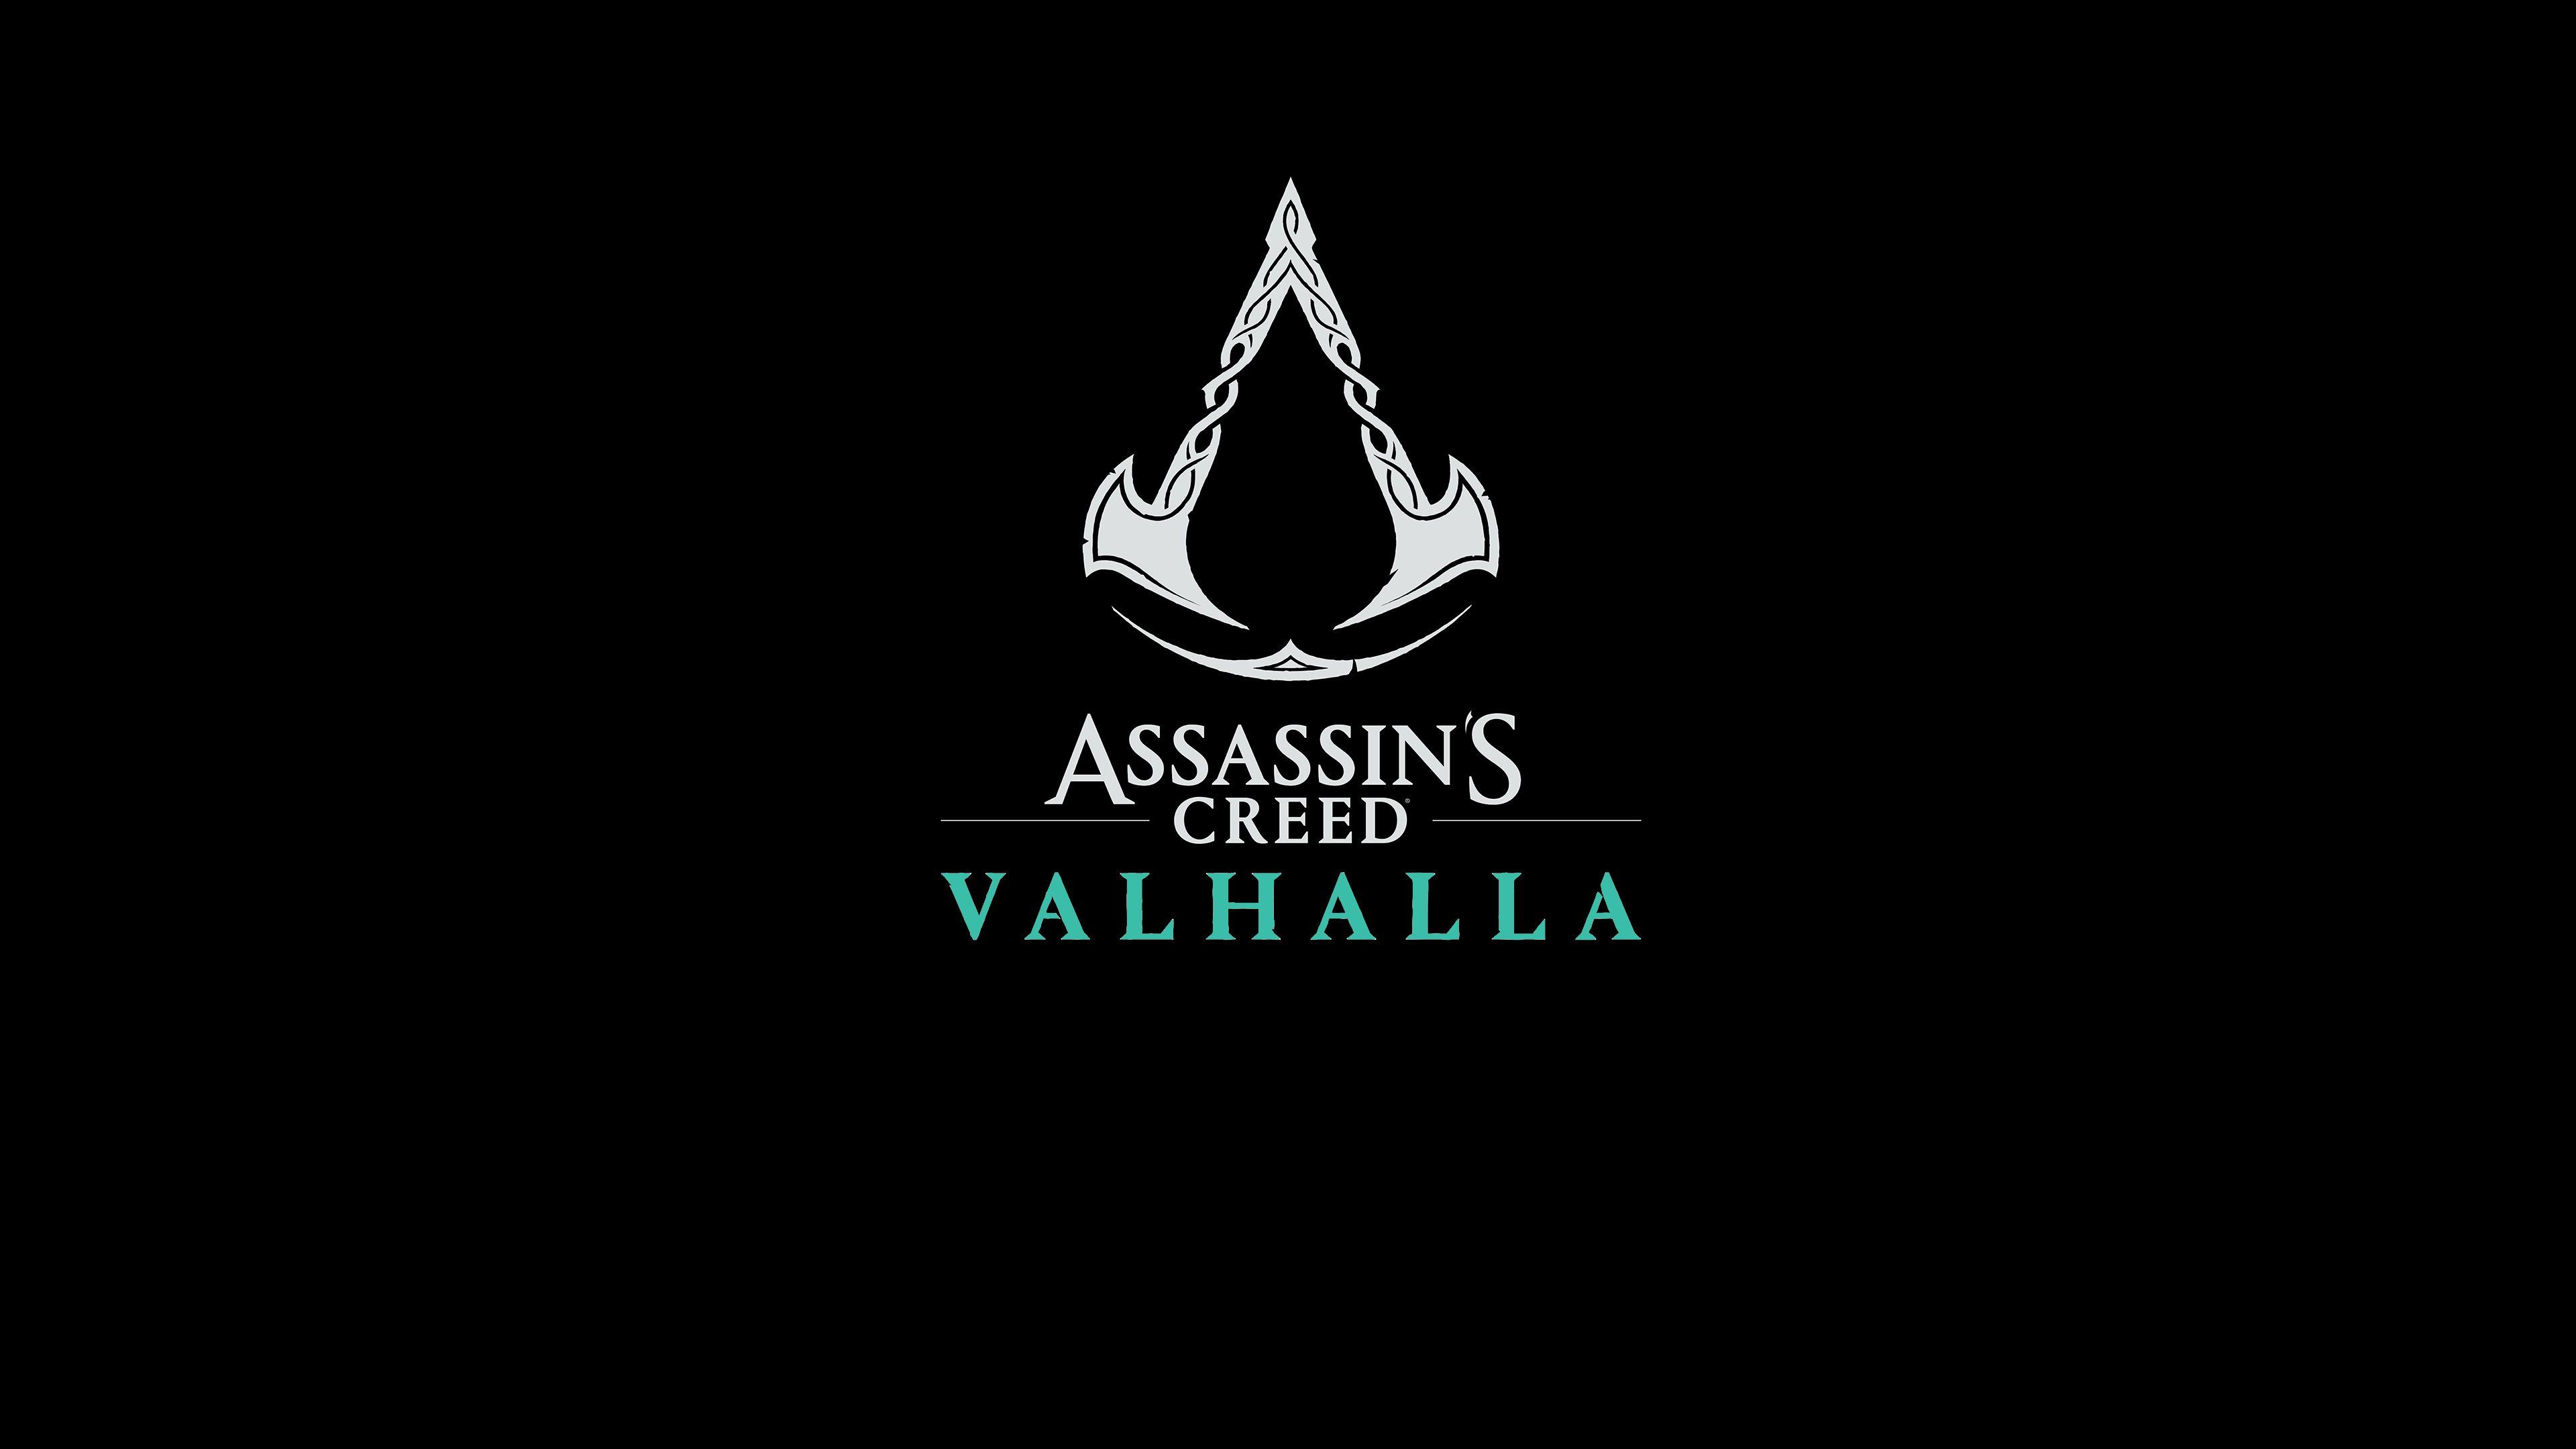 logo assassins creed valhalla symbol